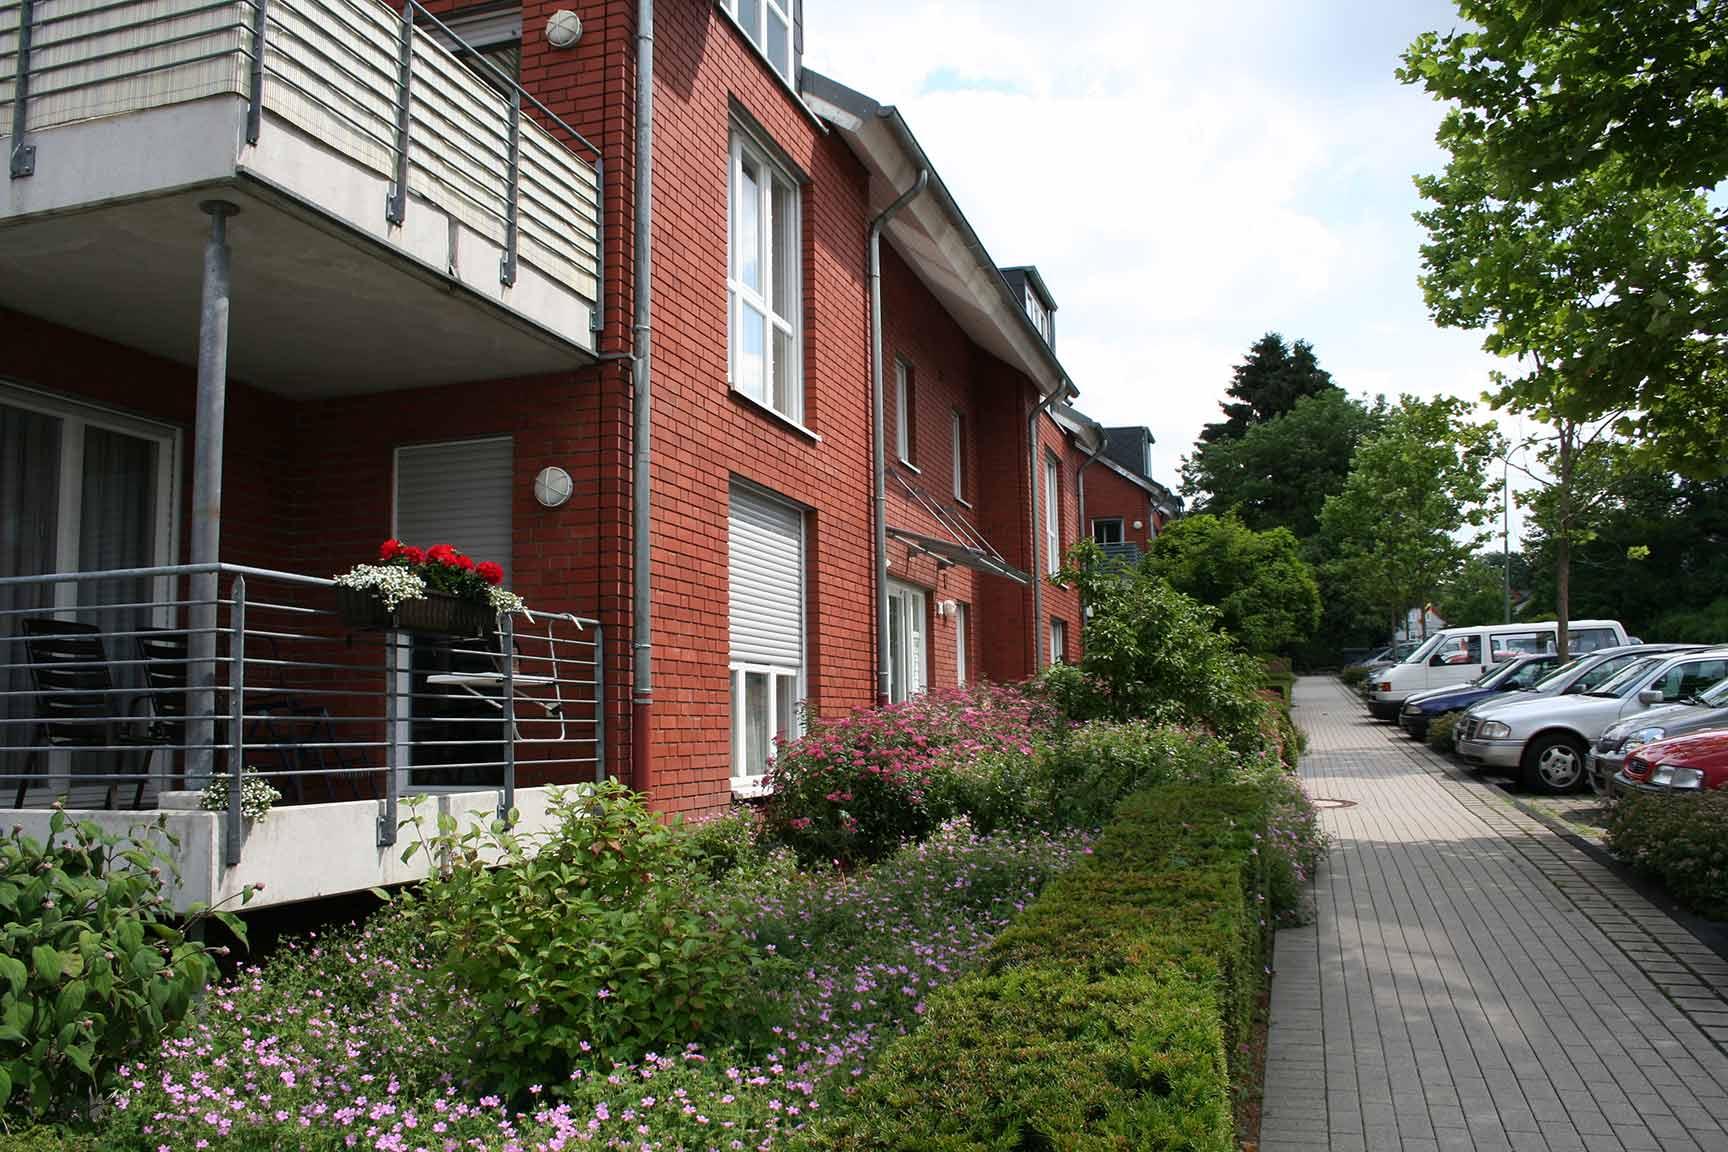 seniorenzentrum friedensheim servicewohnen in haan betreuung von senioren seniorenwohnen. Black Bedroom Furniture Sets. Home Design Ideas